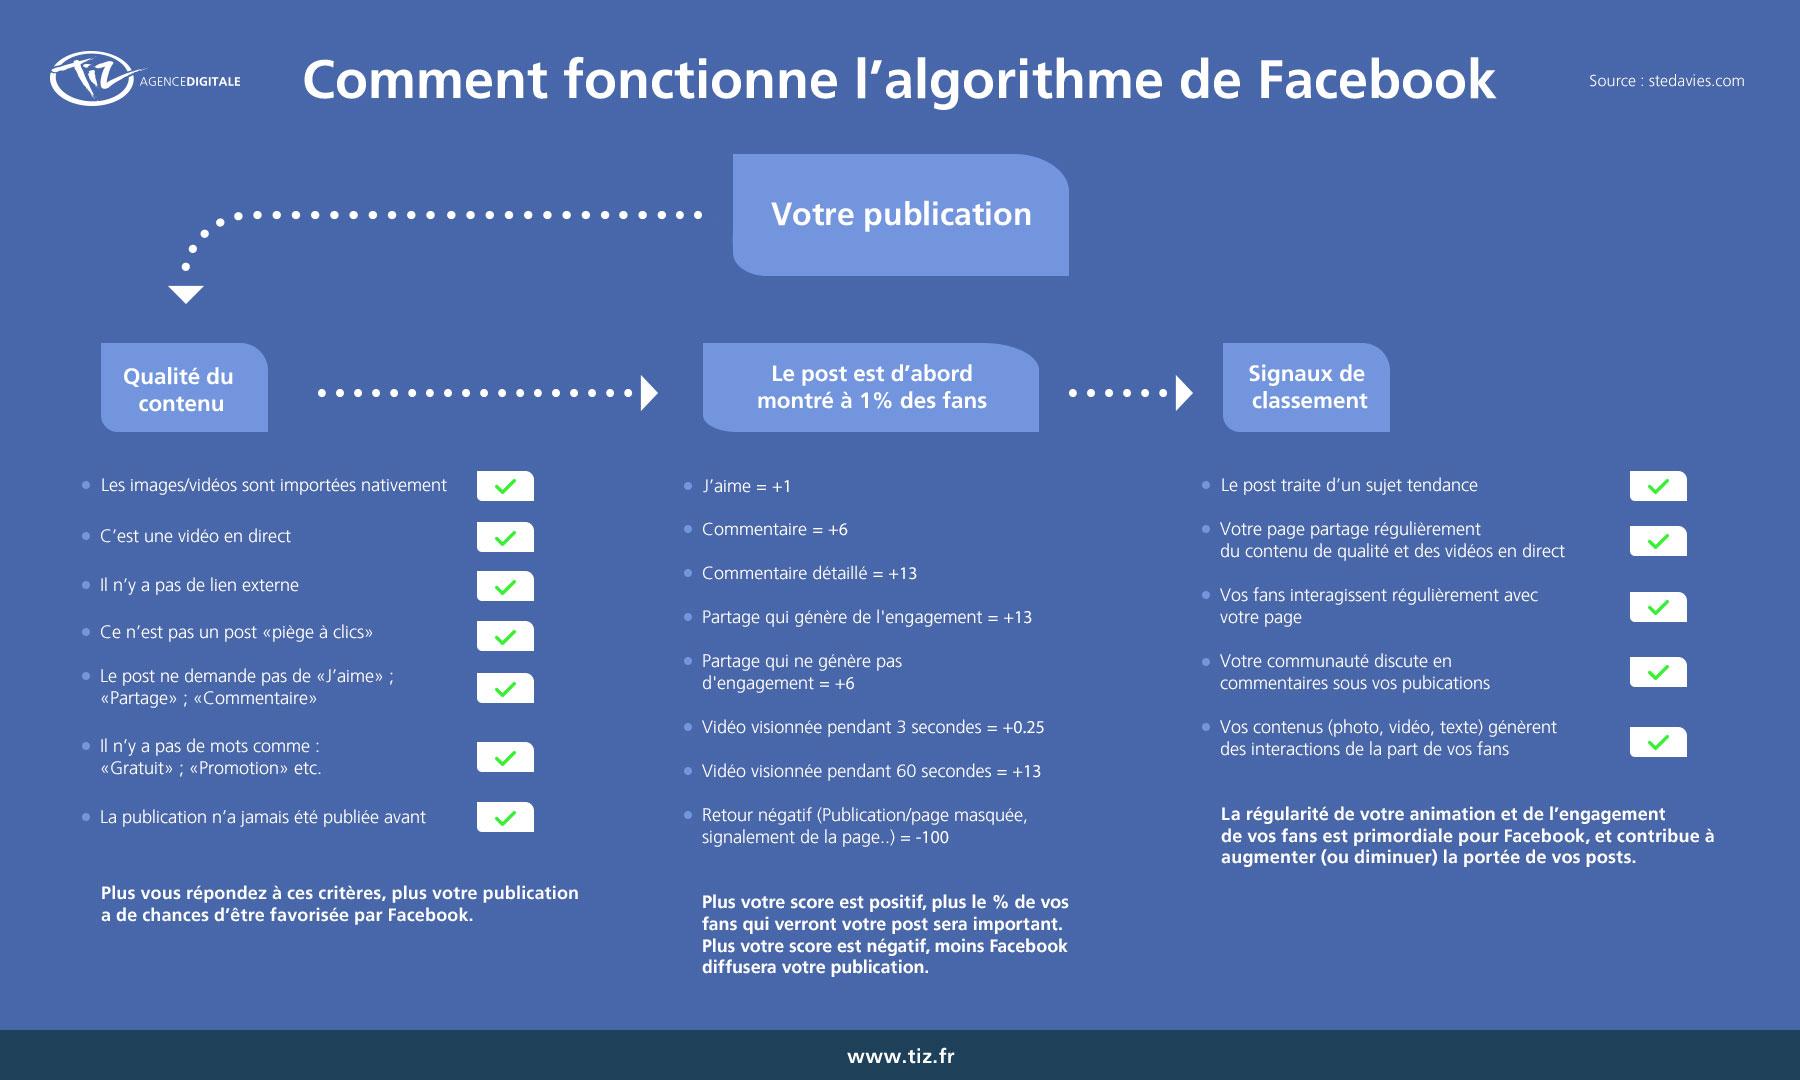 Comment fonctionne l'algorithme de Facebook